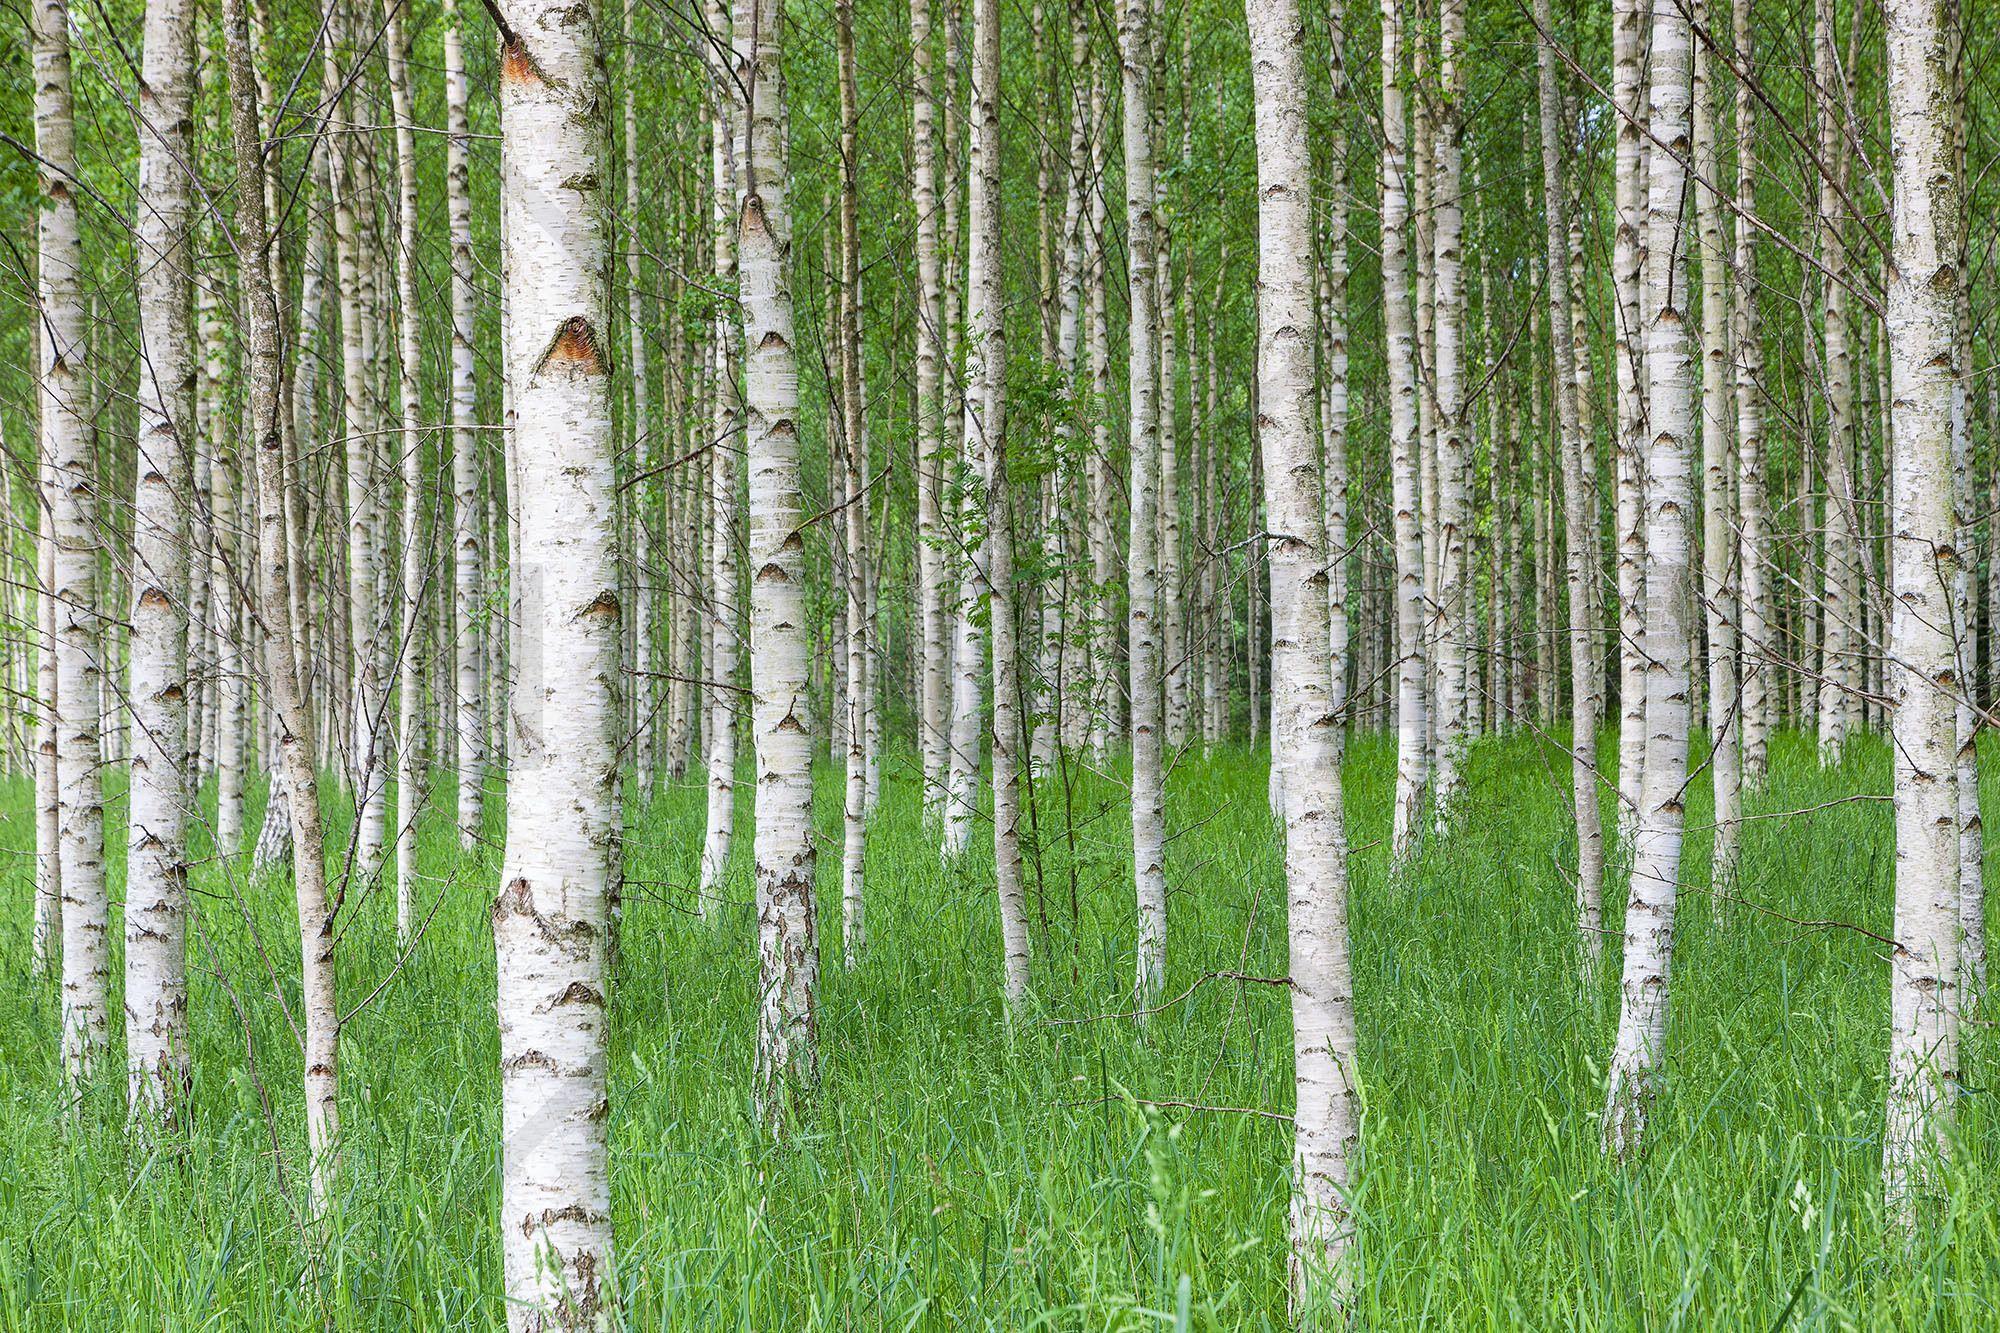 Birch Forest & Green Grass Wall Mural & Photo Wallpaper